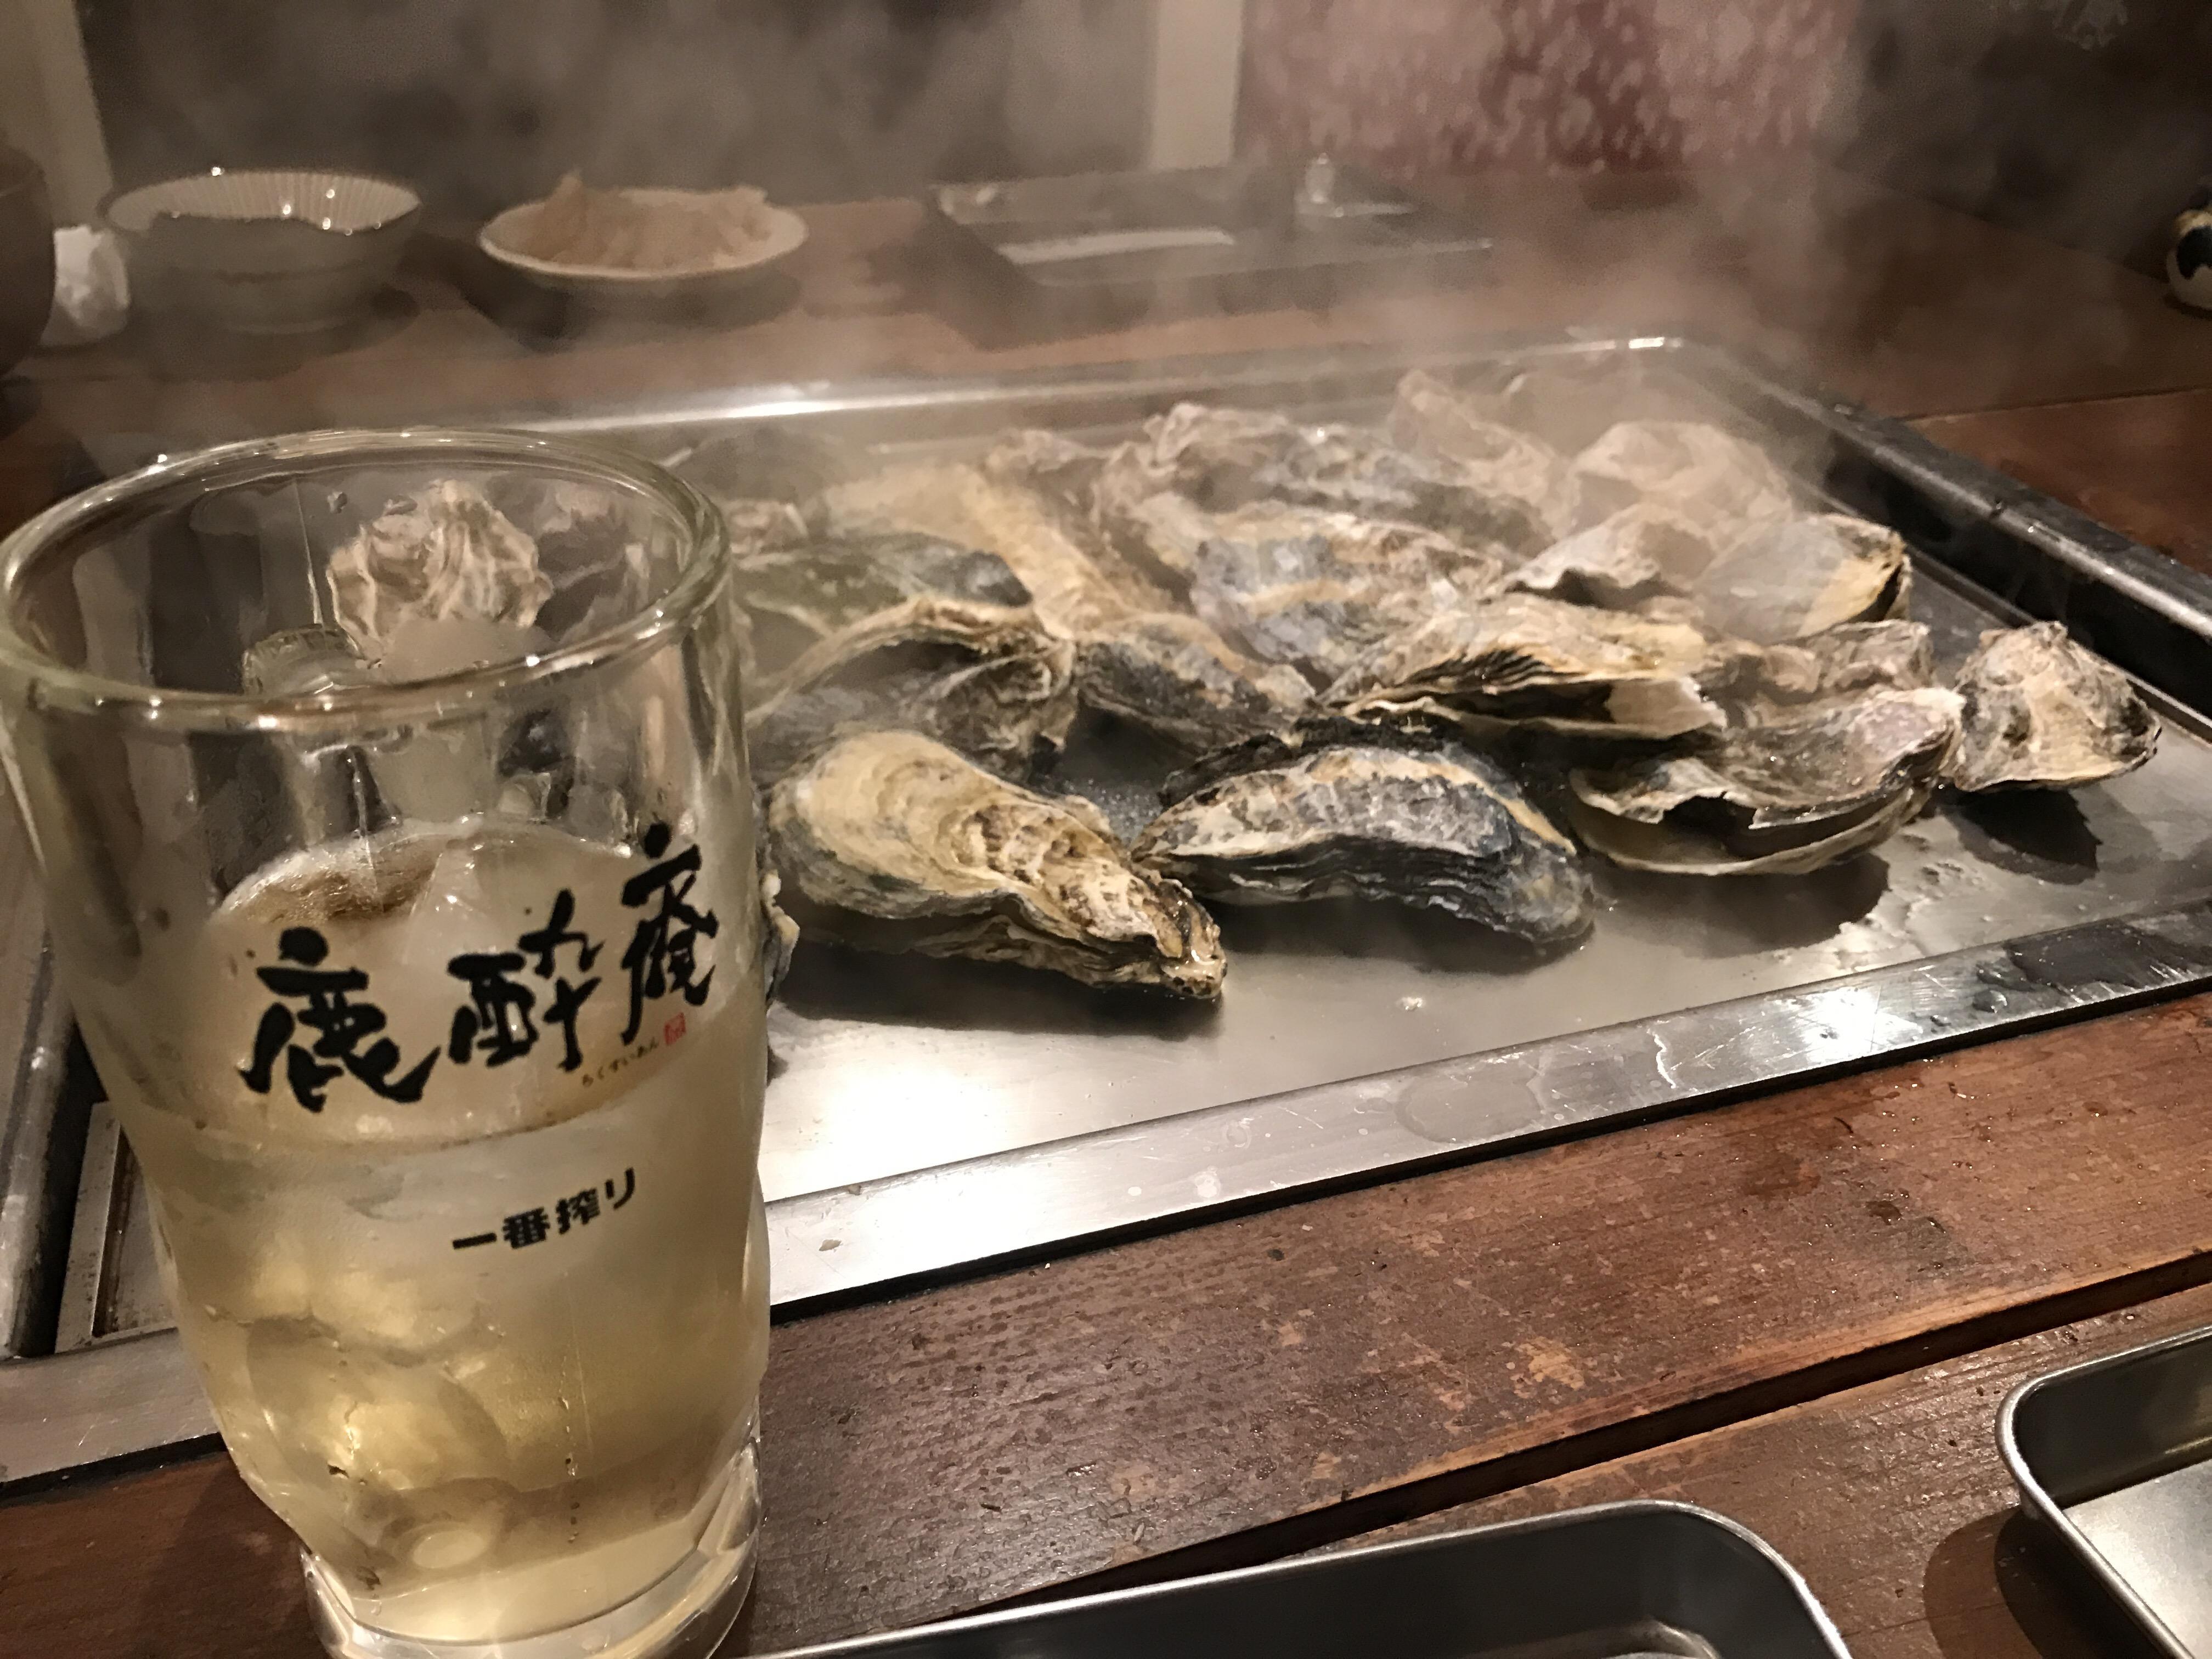 牡蛎焼き鹿酔庵